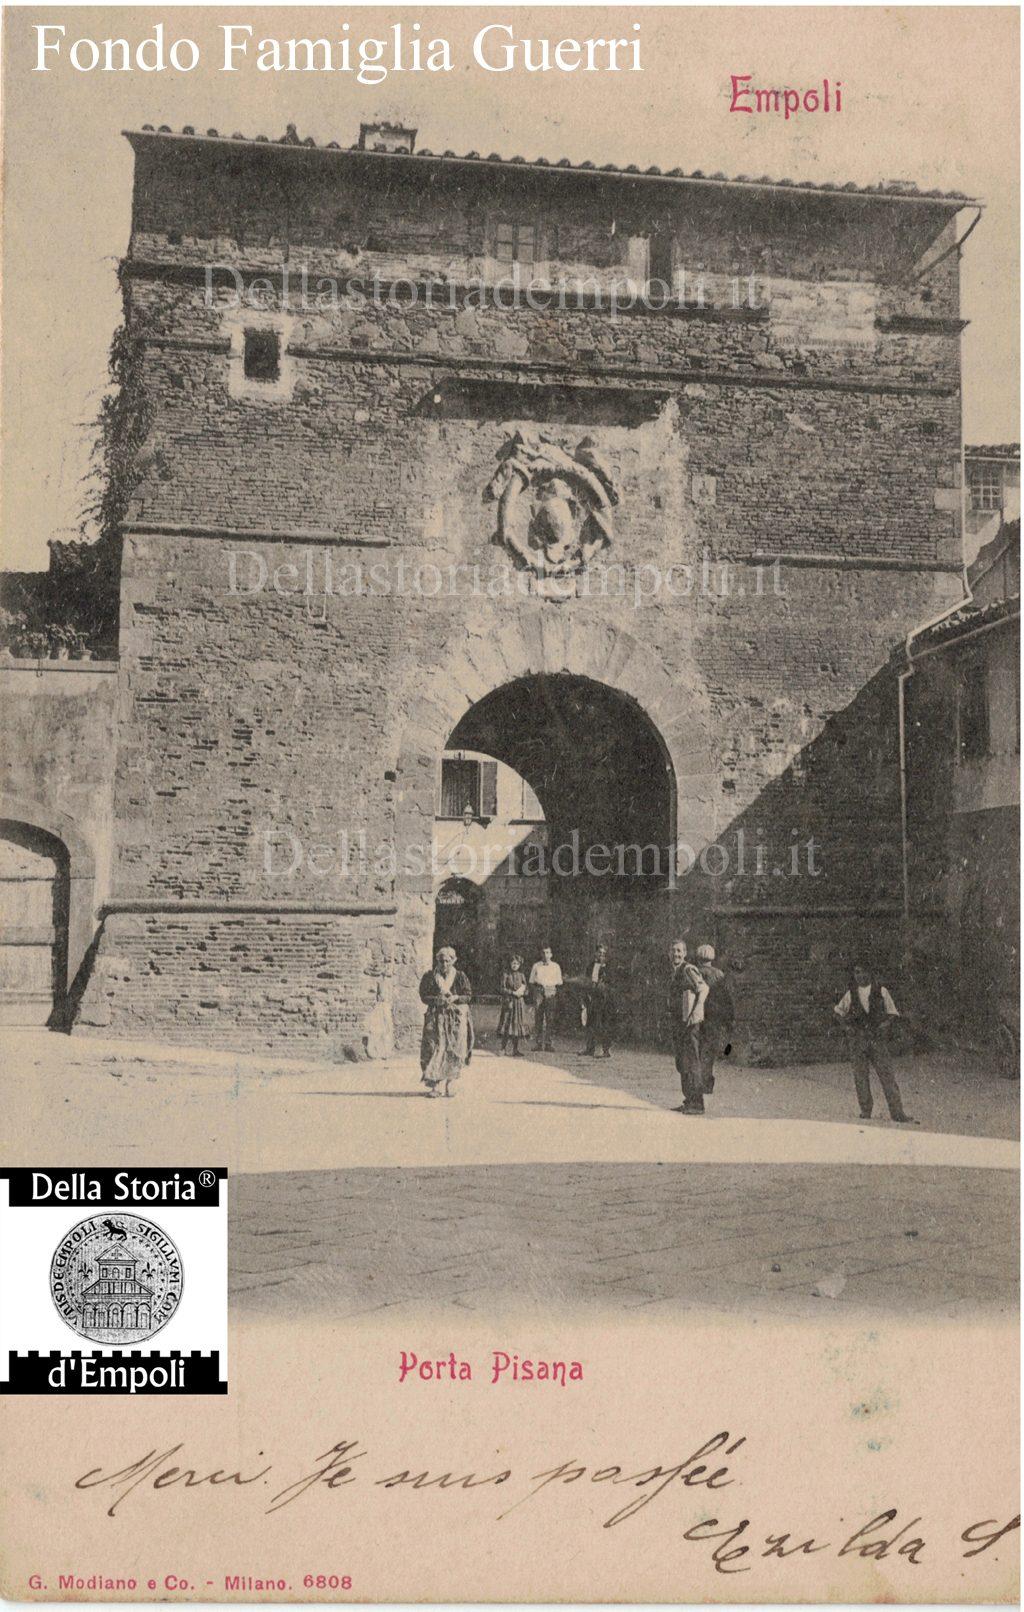 Porta Pisana: Nitida Immagine D'epoca, Dal Fondo Guerri